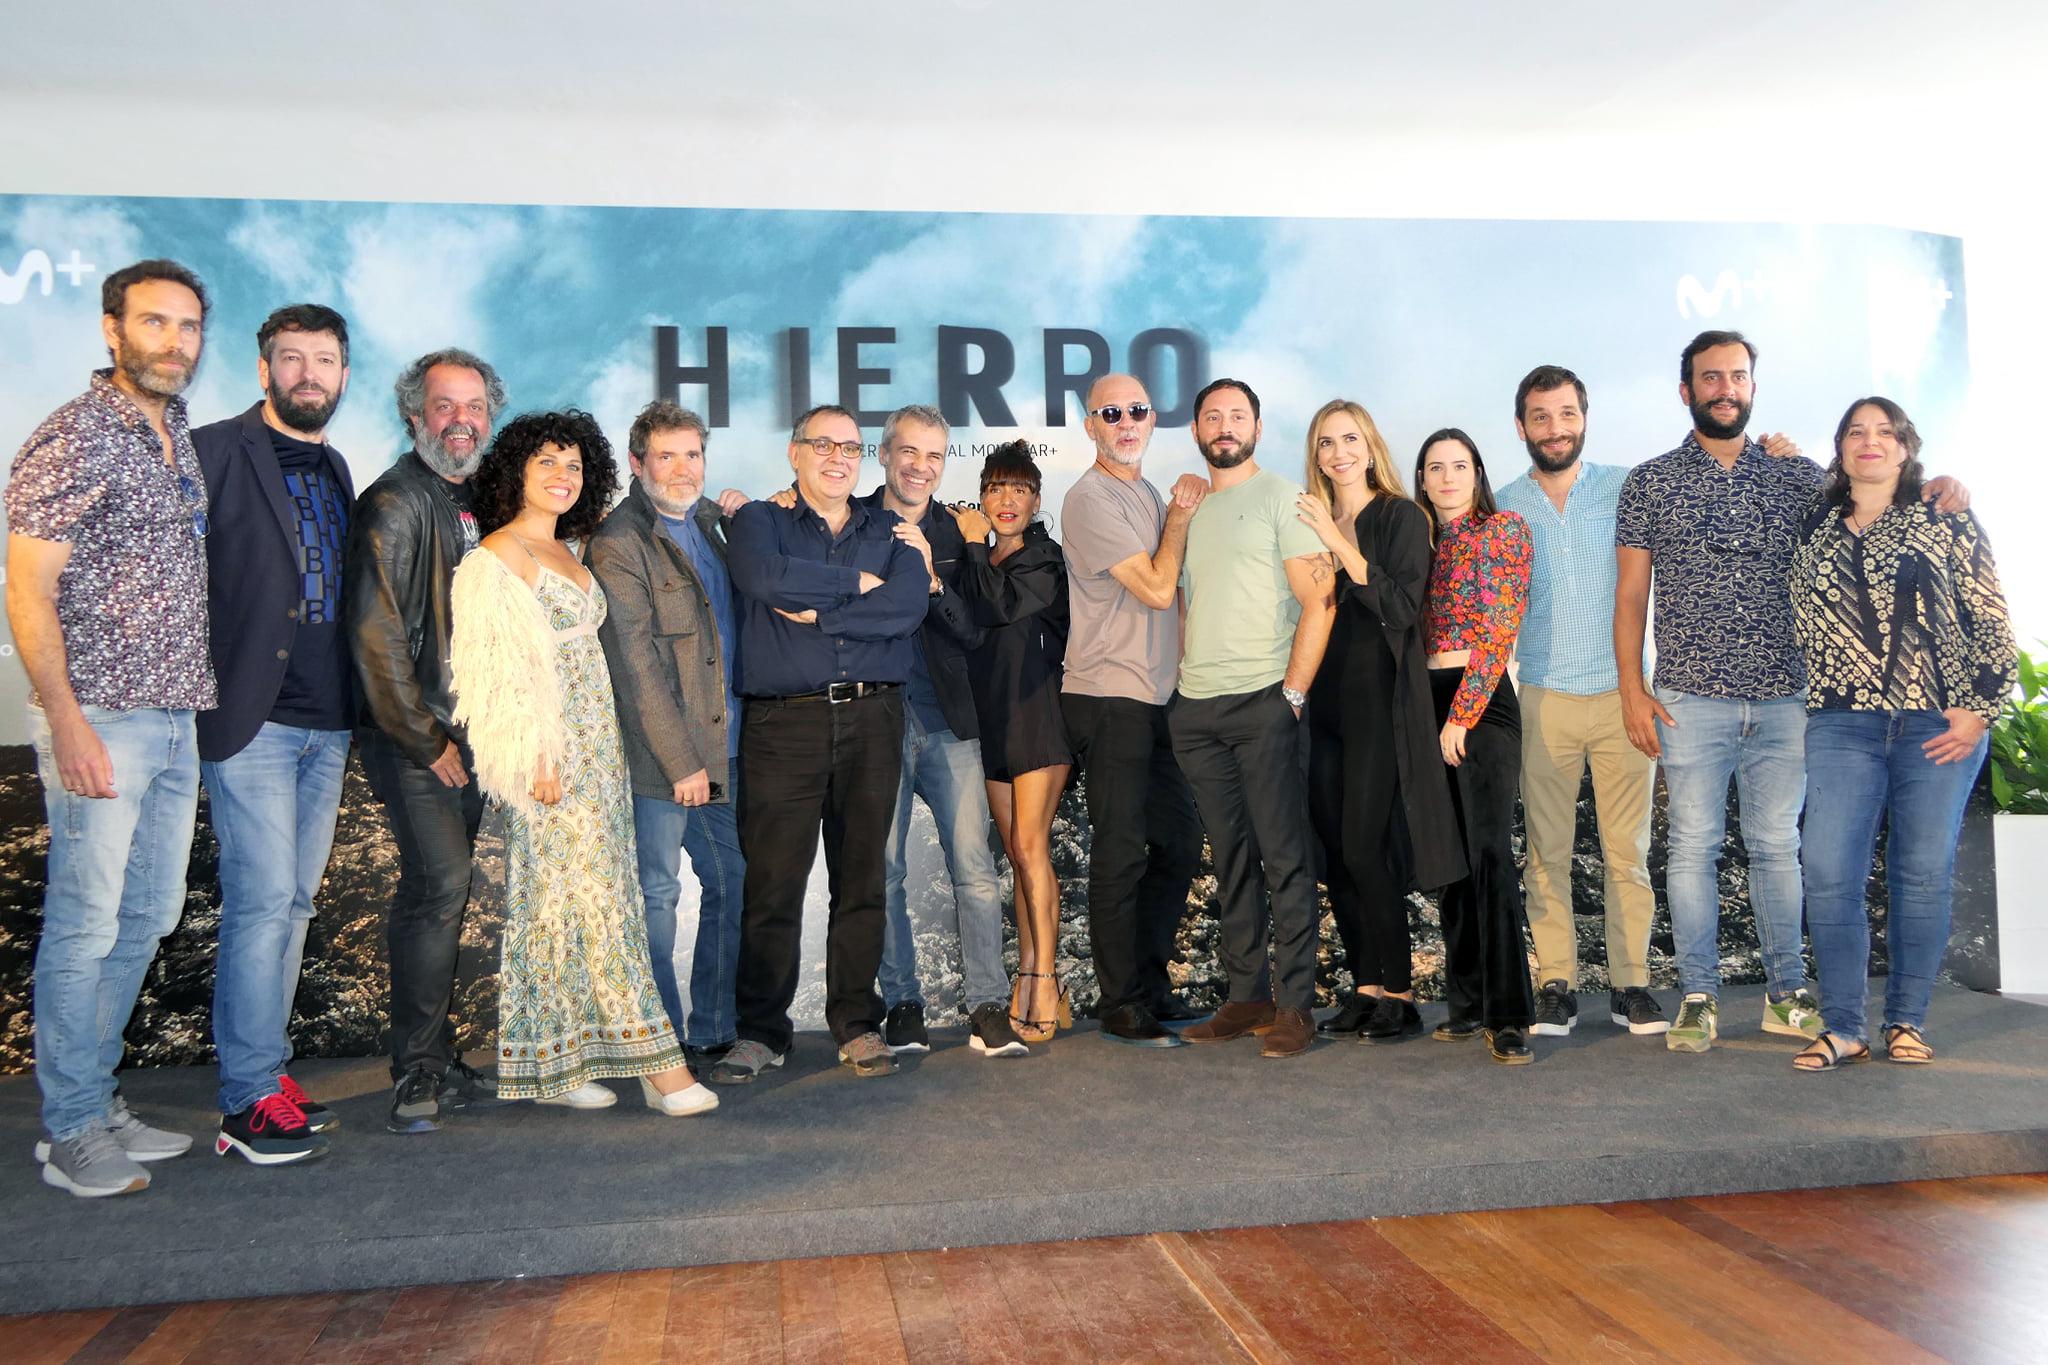 """Promoción de turismo de la isla de El Hierro en el estreno de la segunda temporada de """"Hierro"""" / CanariasNoticias.es"""